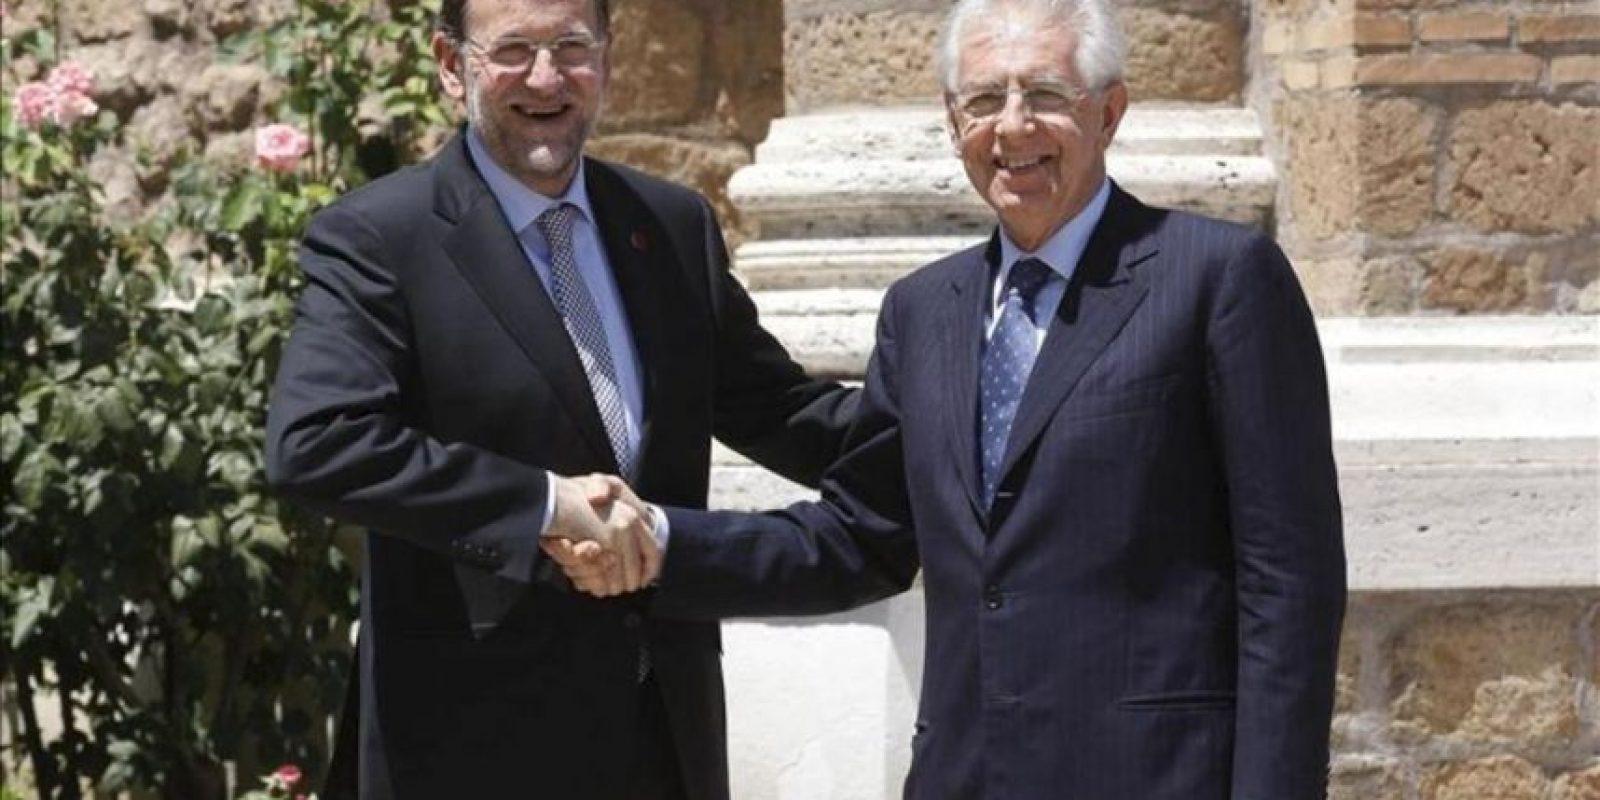 El presidente del Gobierno español, Mariano Rajoy (i), estrecha la mano del primer minitro italiano, Mario Monti, a su llegada a la reunión entre los líderes de las cuatro primeras economías de la zona euro en Roma hoy. EFE